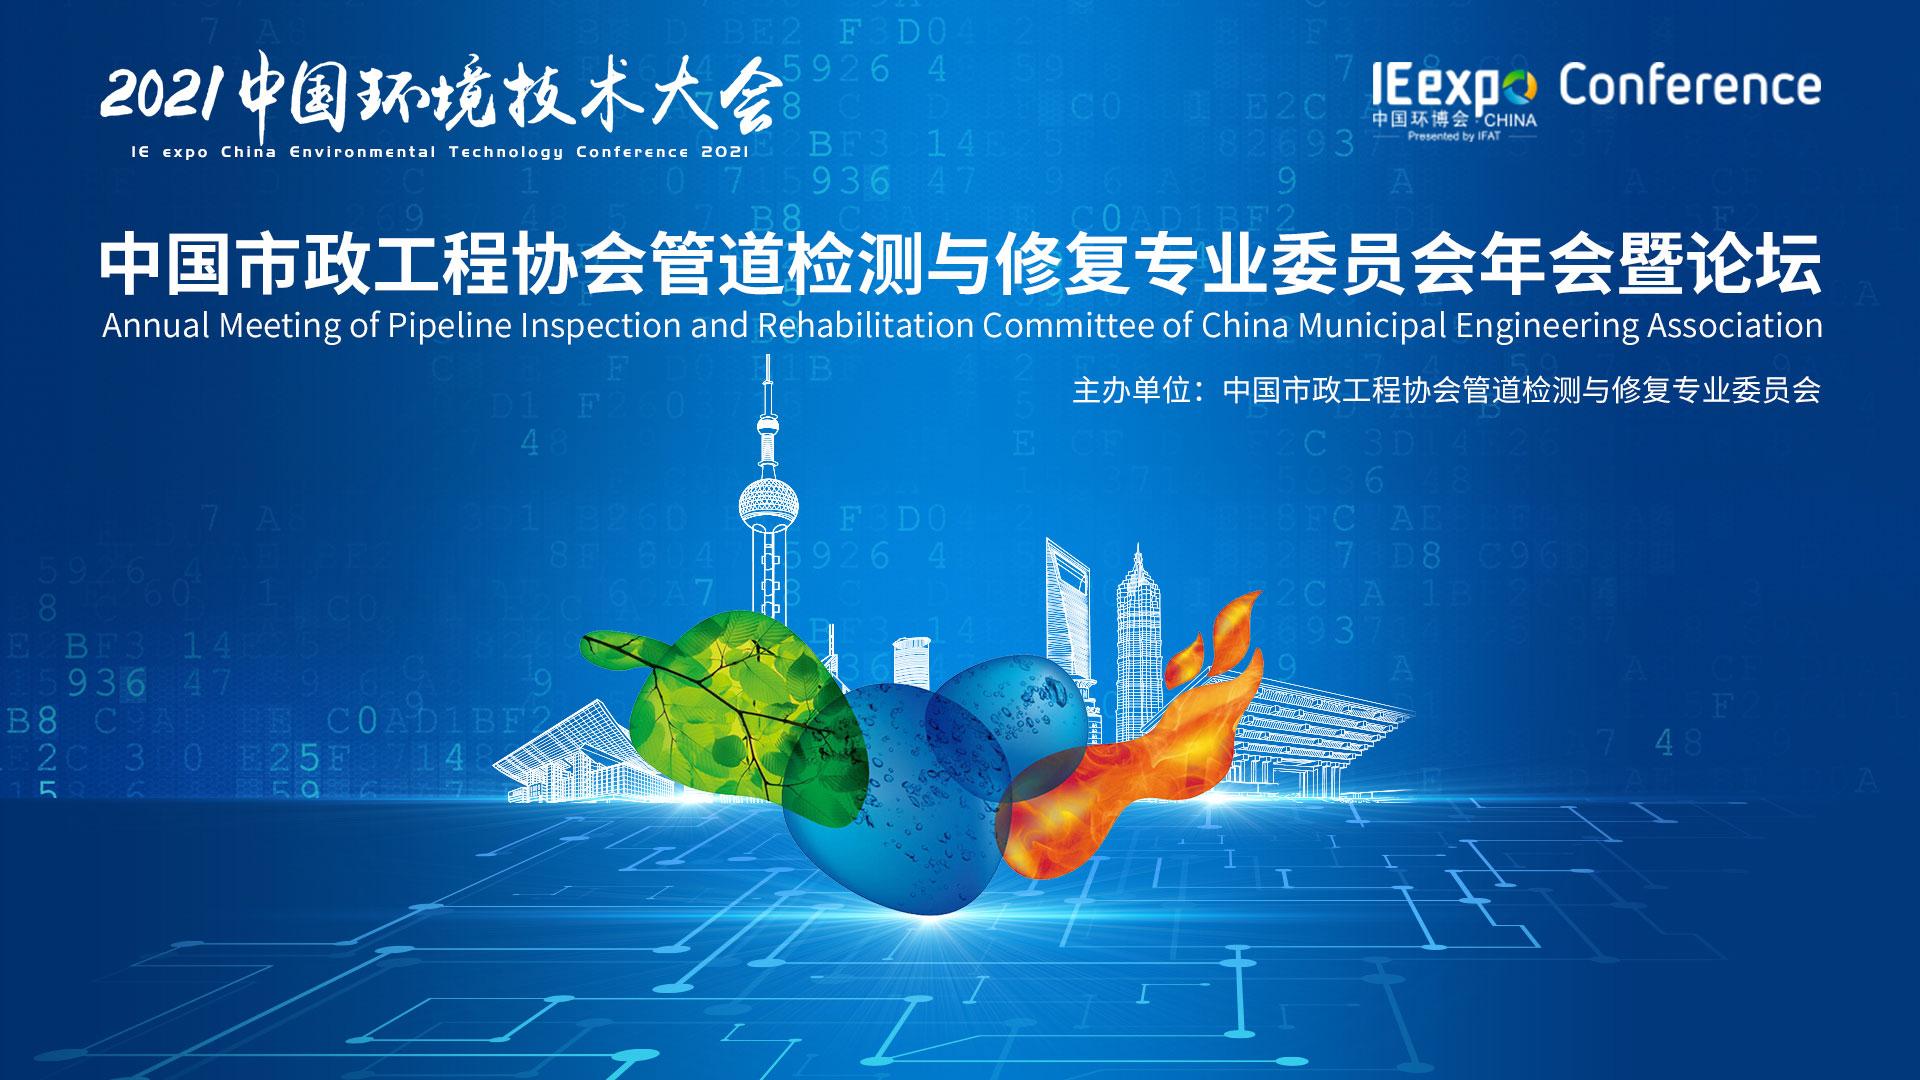 2021中国市政工程协会管道检测与修复专业委员会年会暨论坛